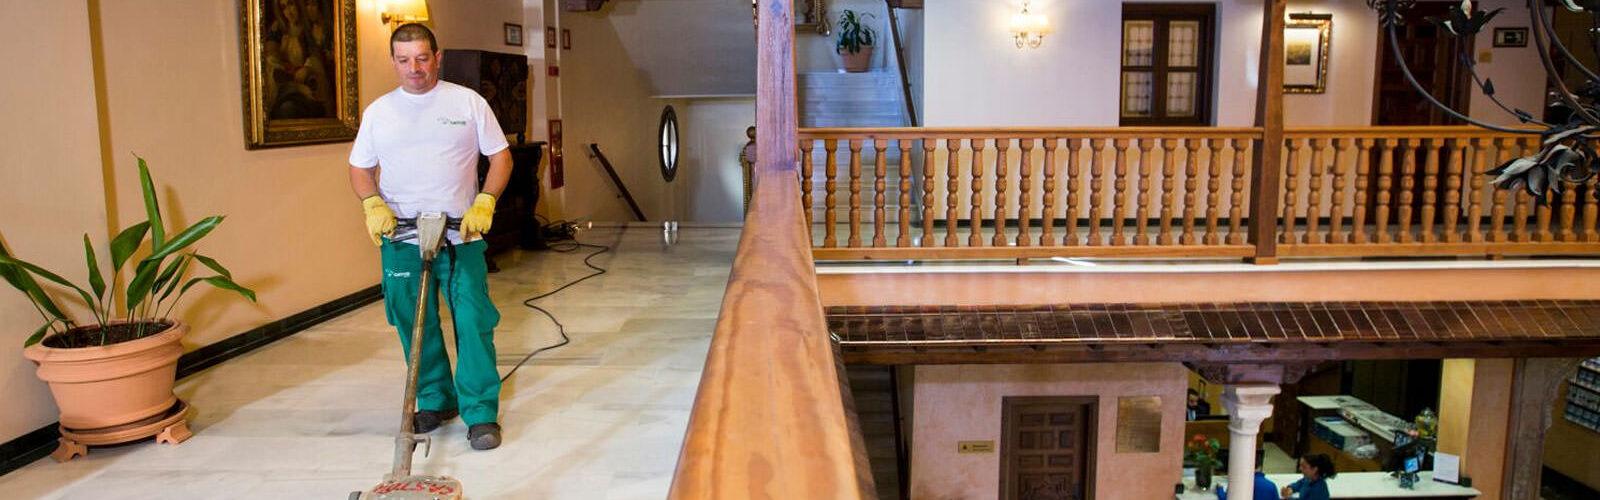 Limpiezas Castor. limpieza-hoteles-sevilla-1600x500 Limpieza de hoteles en Sevilla